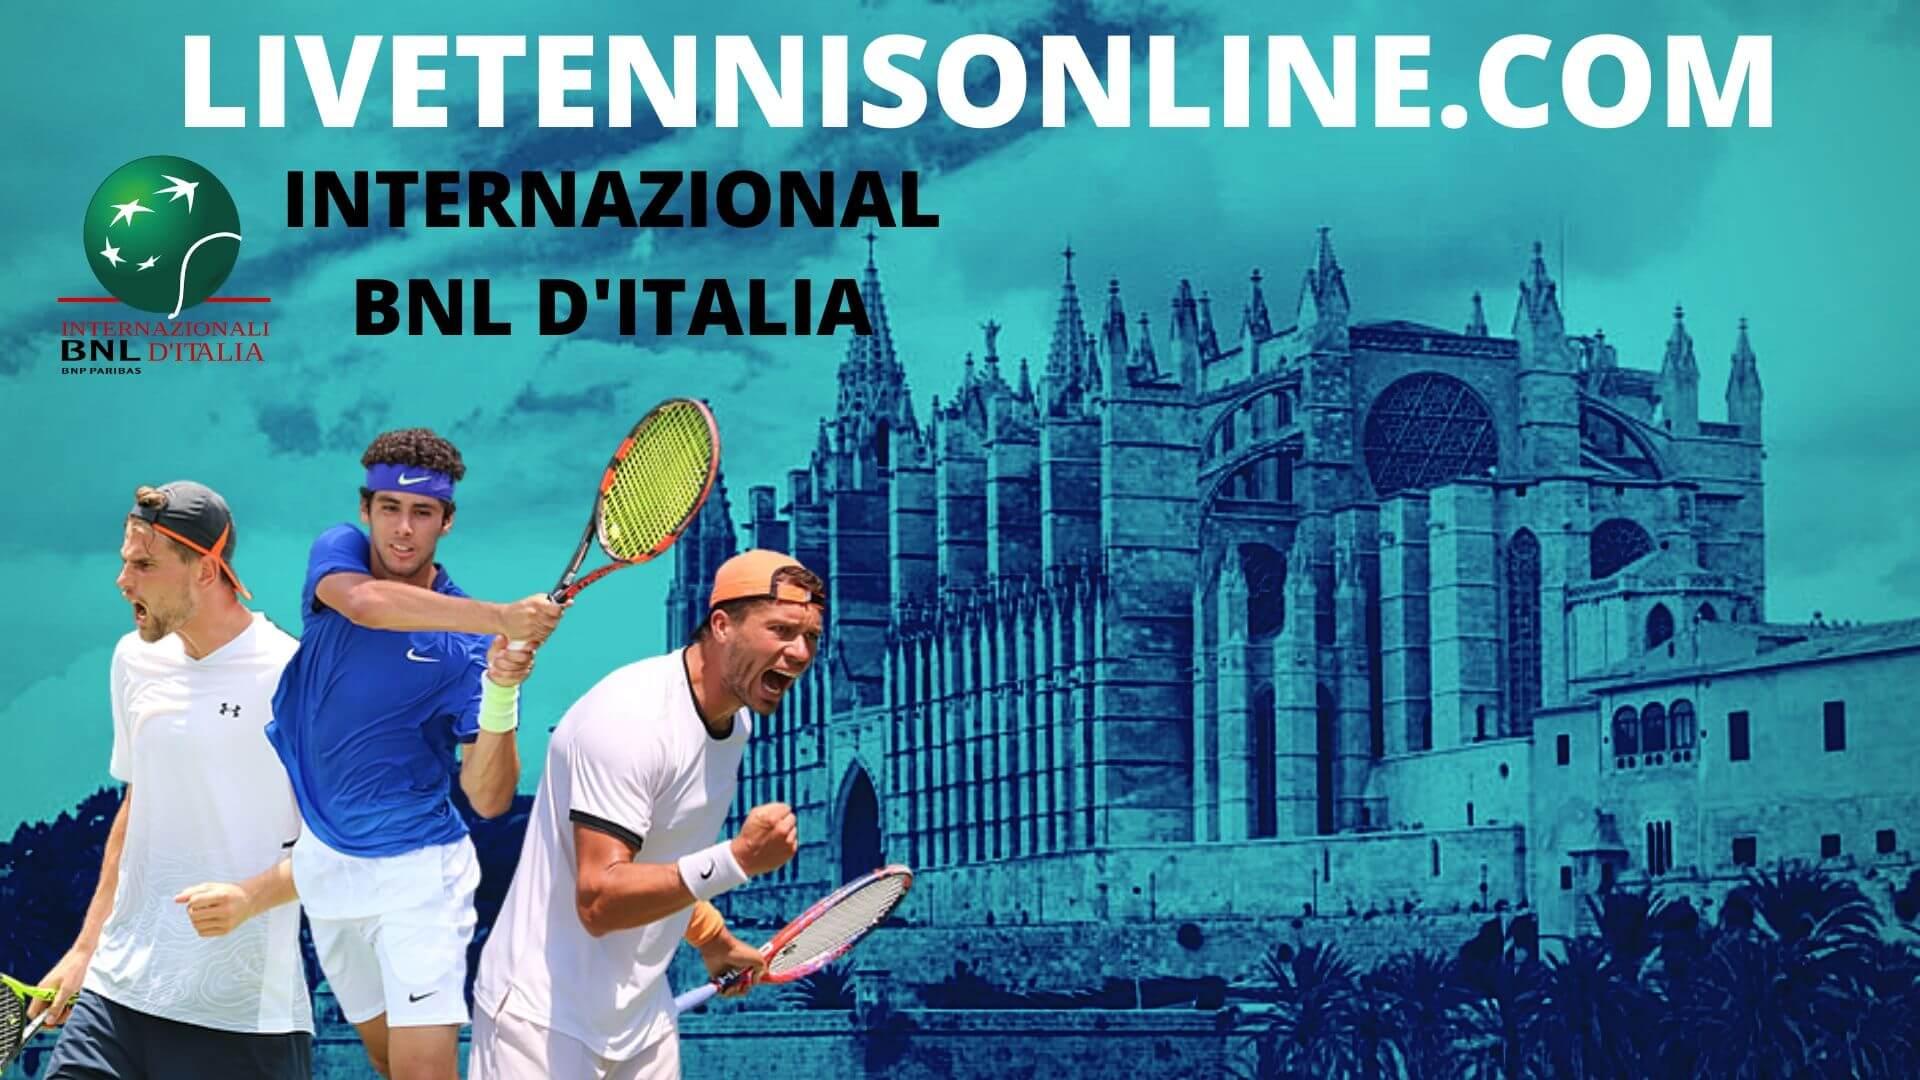 Internazionali BNL d Italia Live Stream 2020 | Day 4